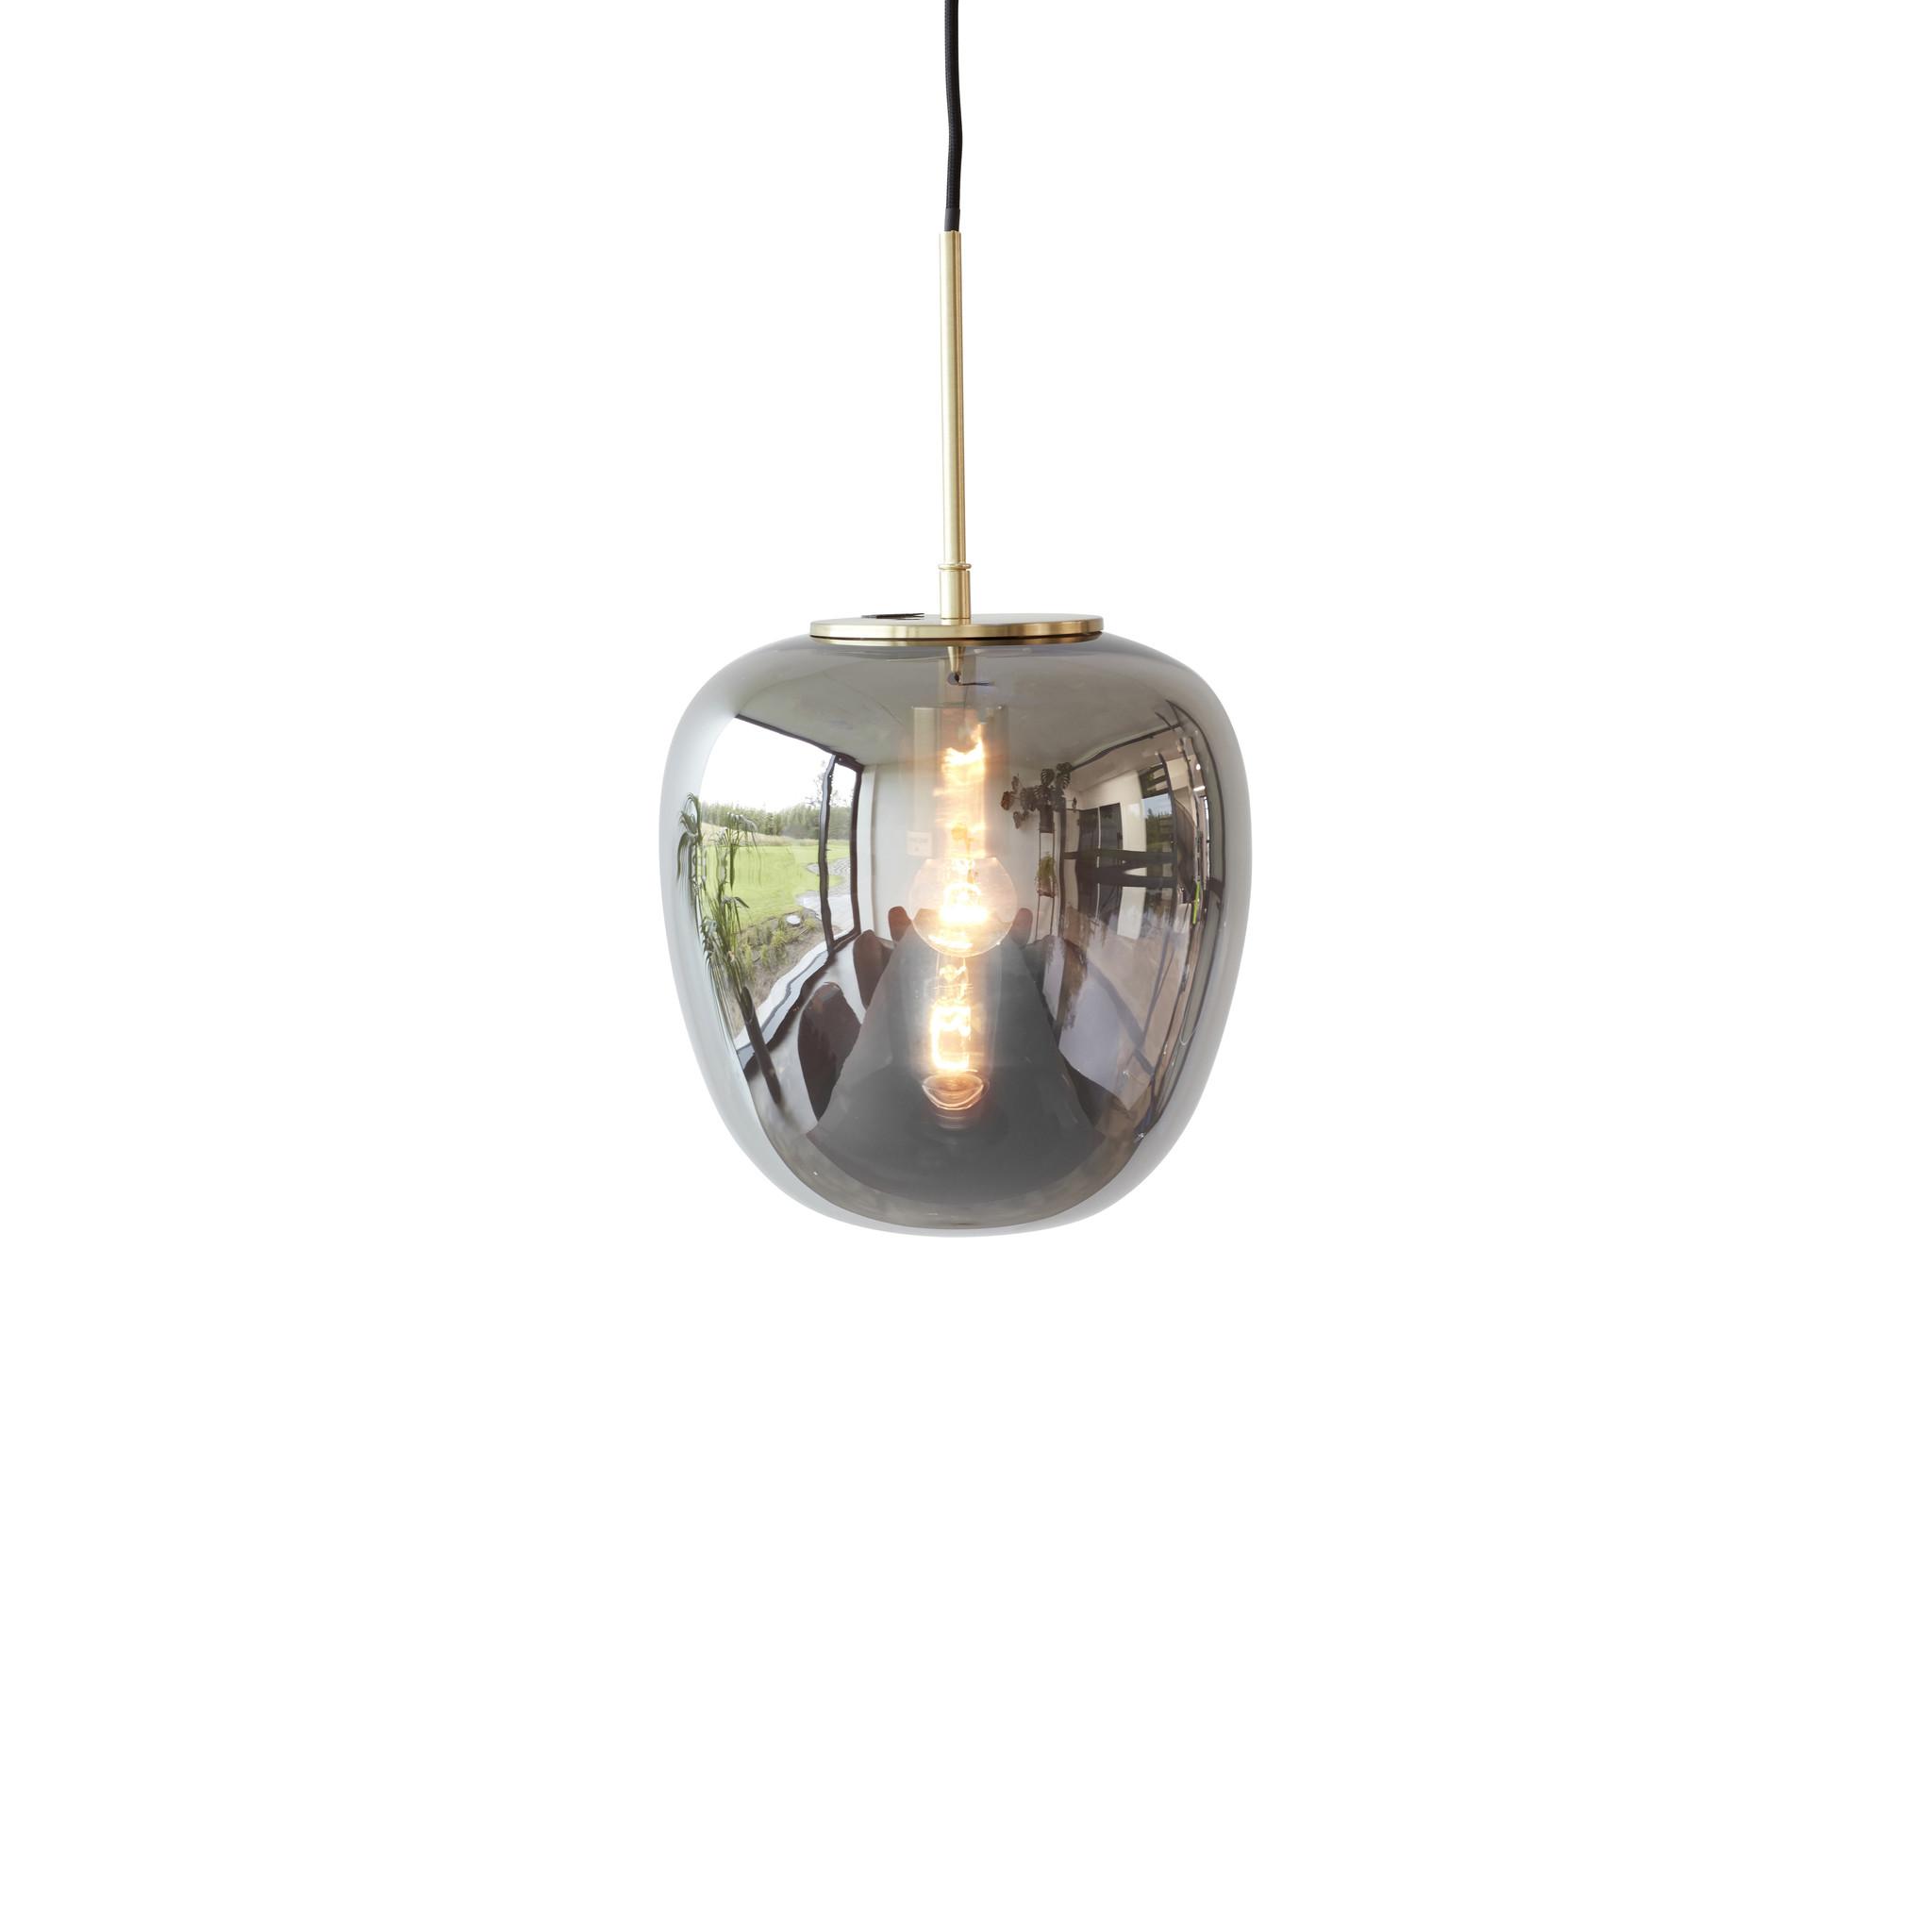 Hubsch Hanglamp glas spiegel/messing ø 30 cm-990722-5712772067451